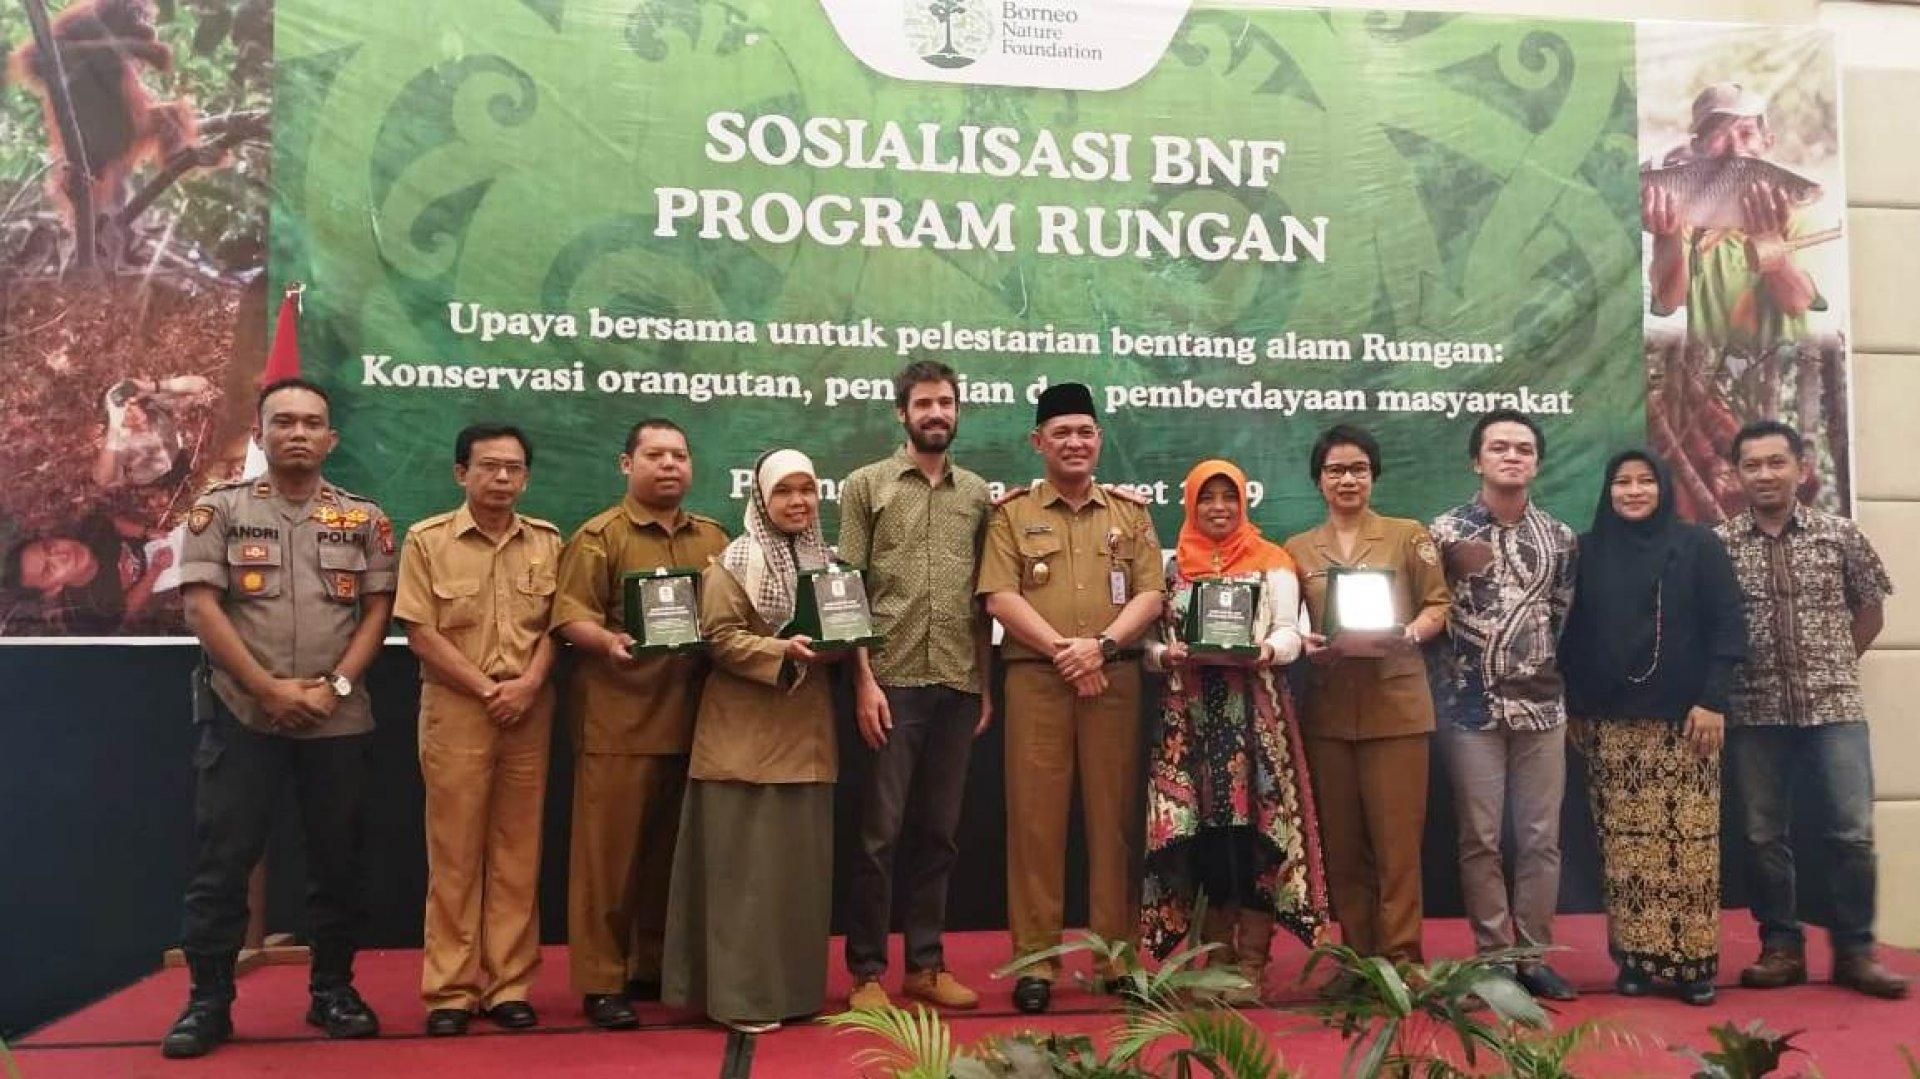 Pemprov Kalteng Dukung Program BNF Untuk Konservasi Orangutan